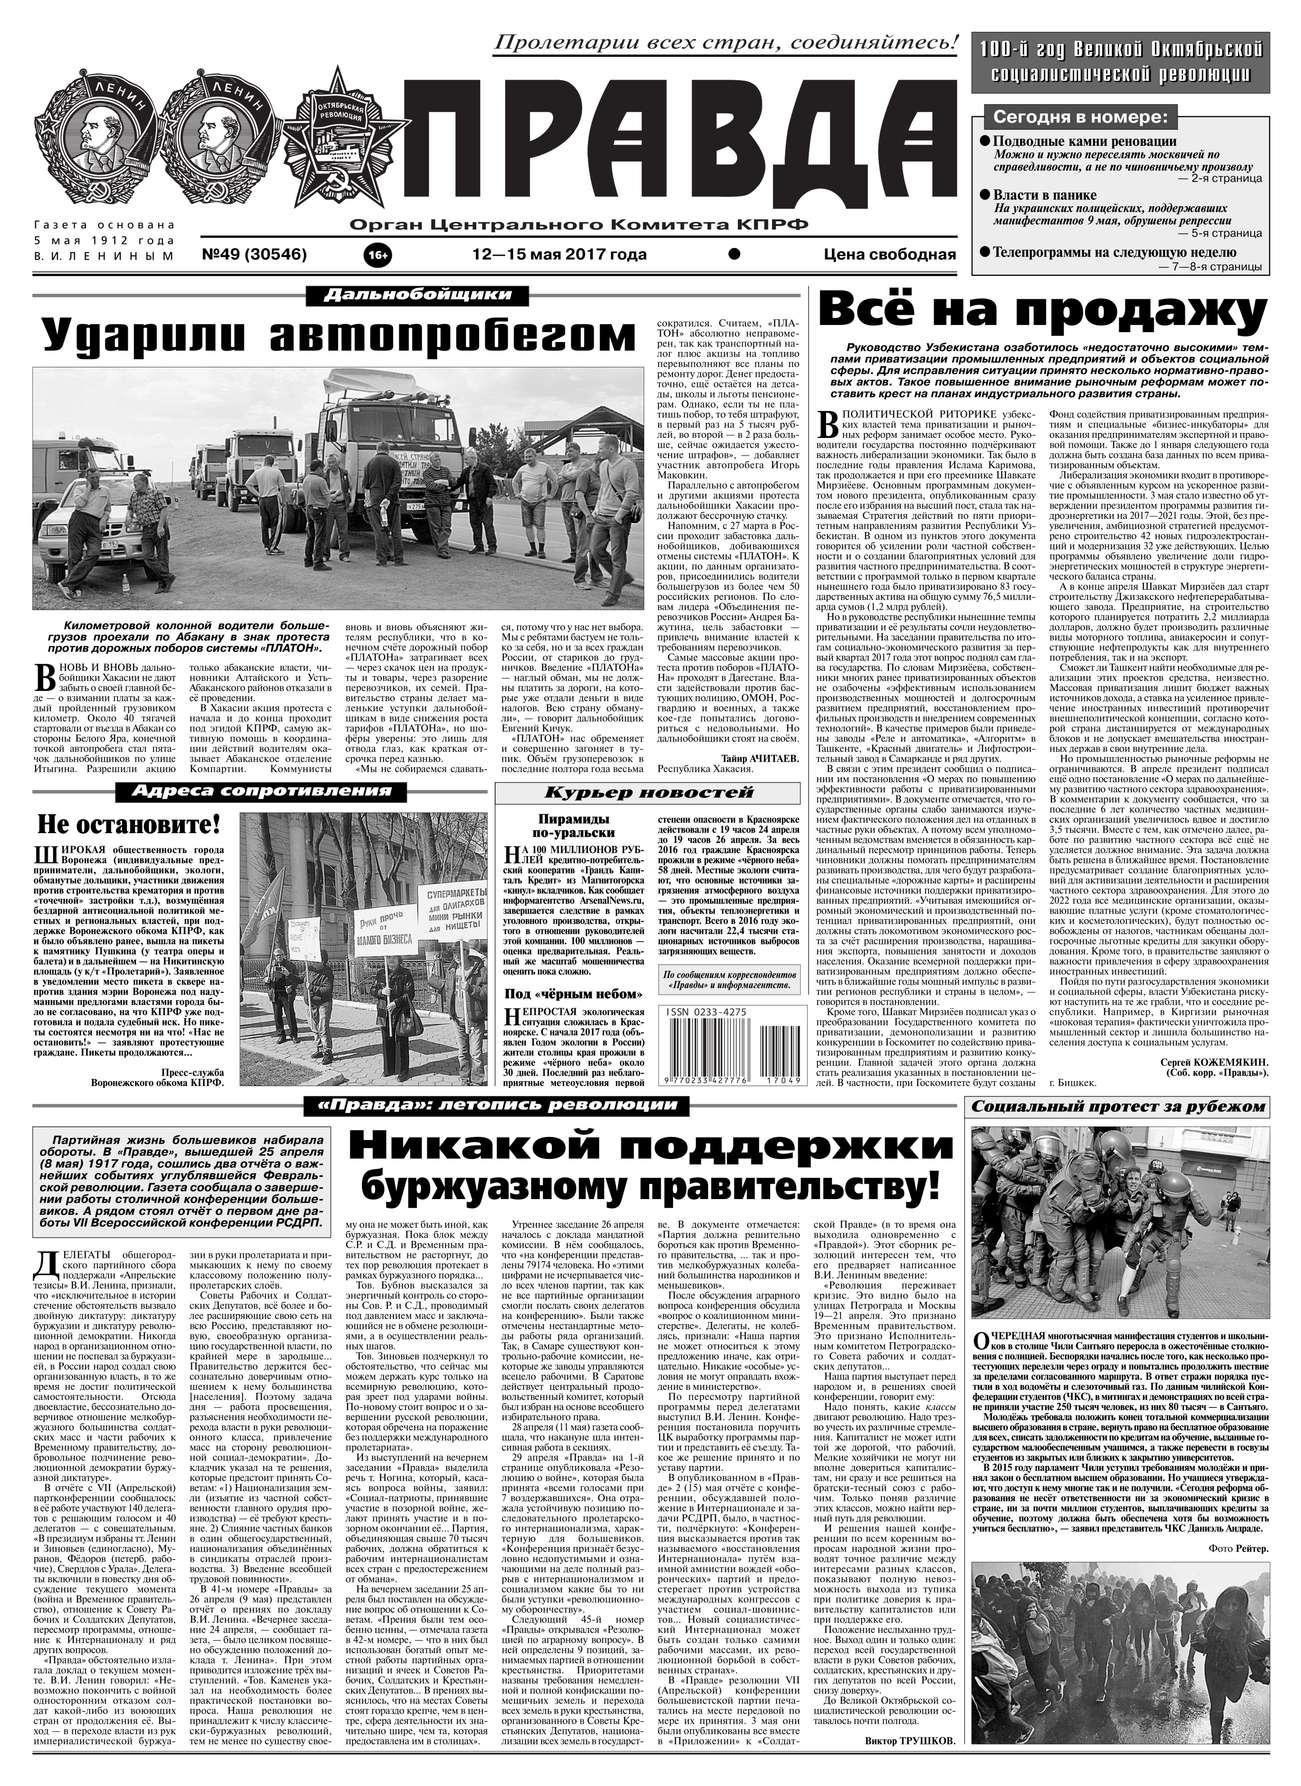 Редакция газеты Правда Правда 49-2017 редакция газеты новая газета новая газета 95 2017